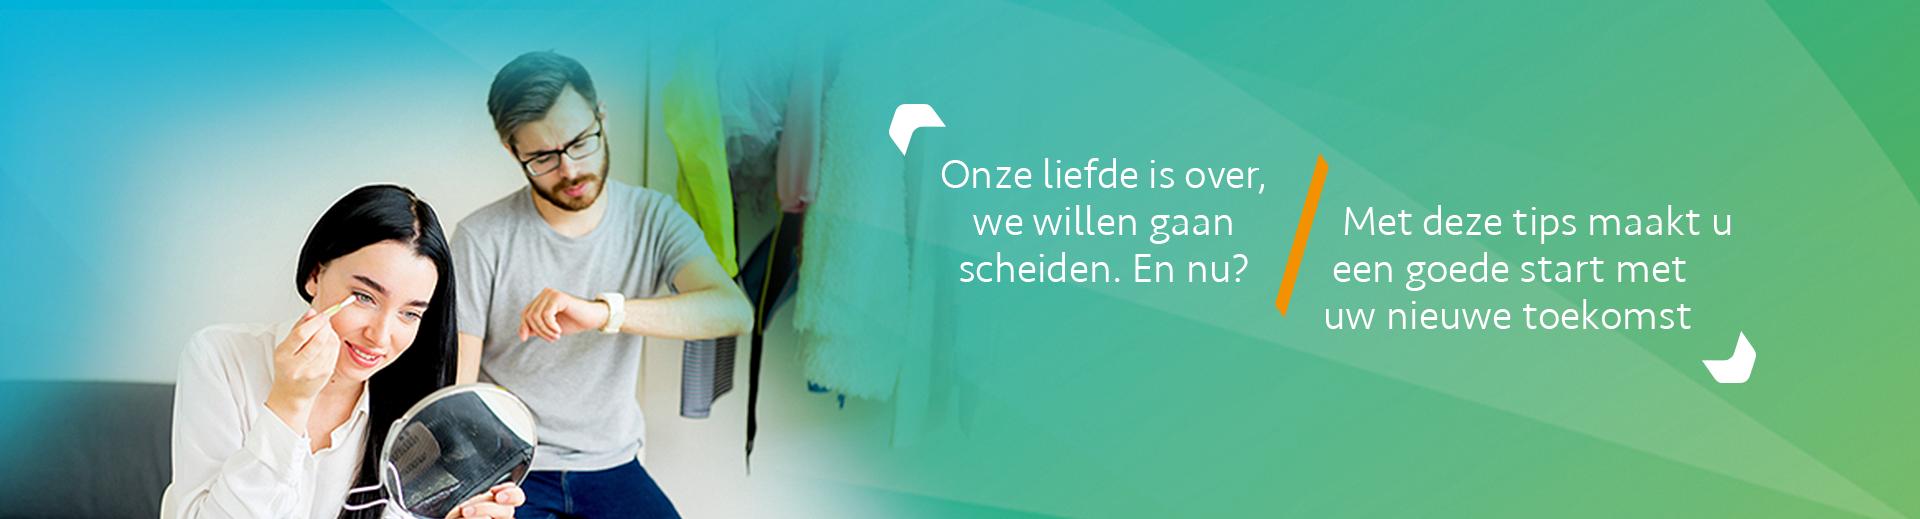 Scheiden en nu? - Scheidingsplanner Hilversum - Bilthoven - Soest - Het Gooi